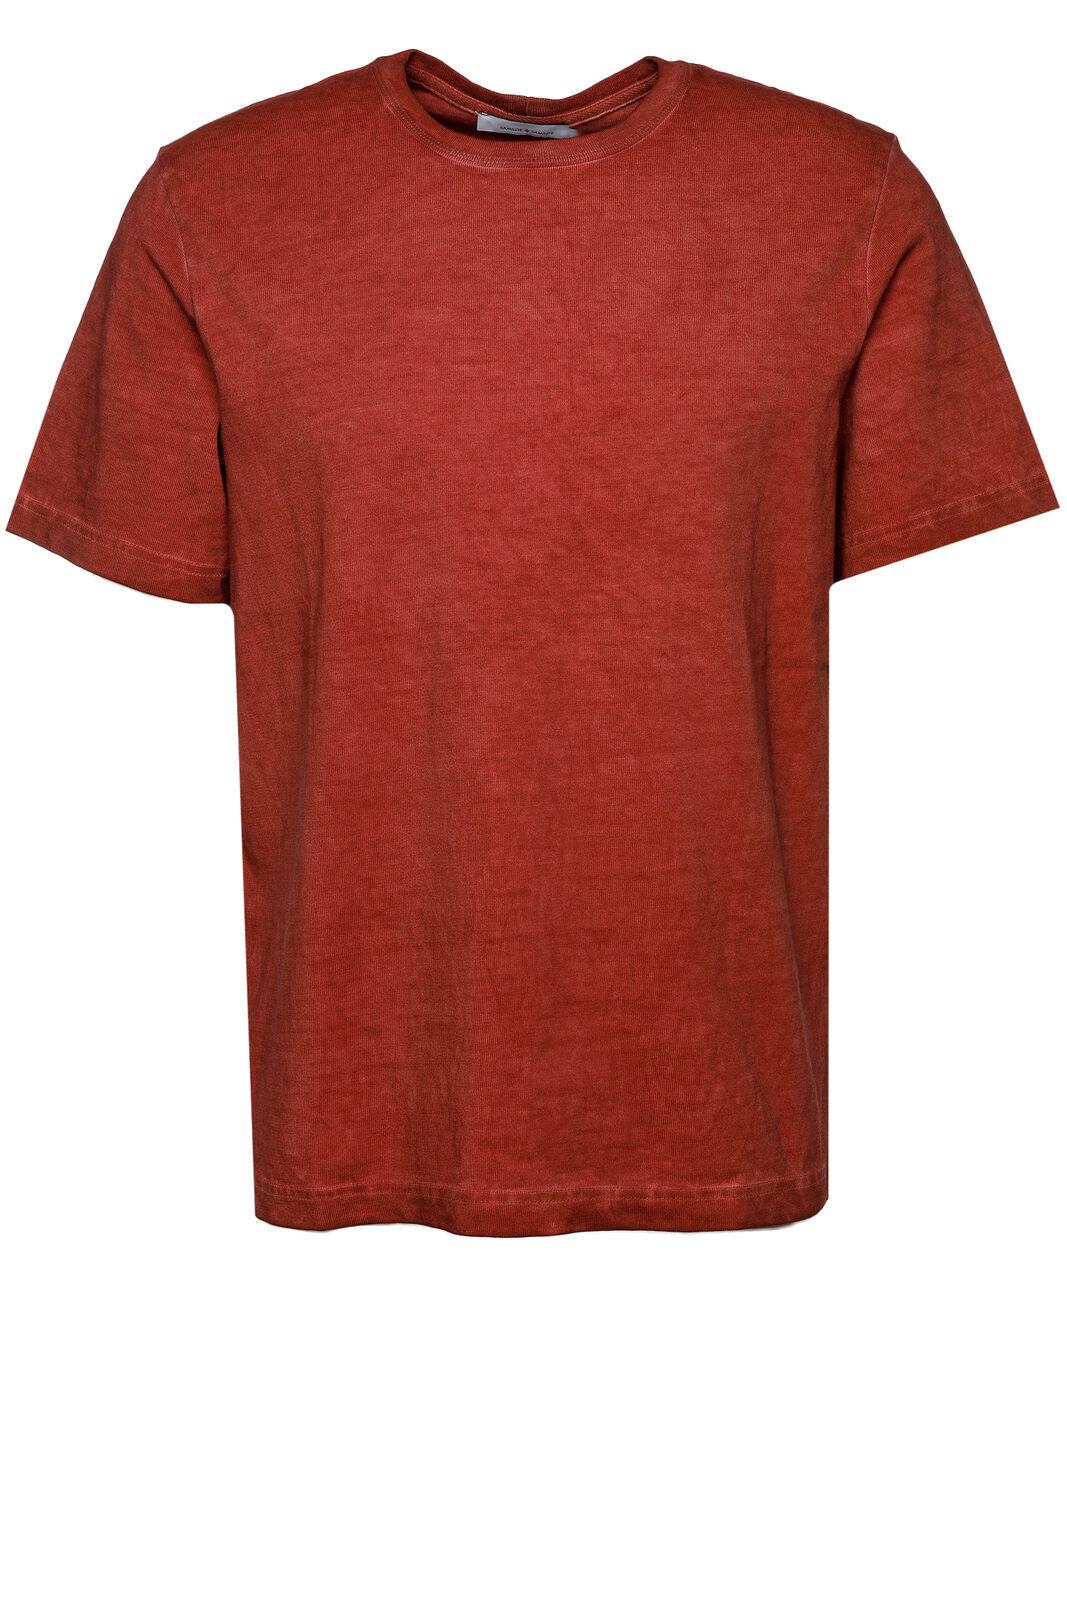 Samsøe & Samsøe T-Shirt Trash